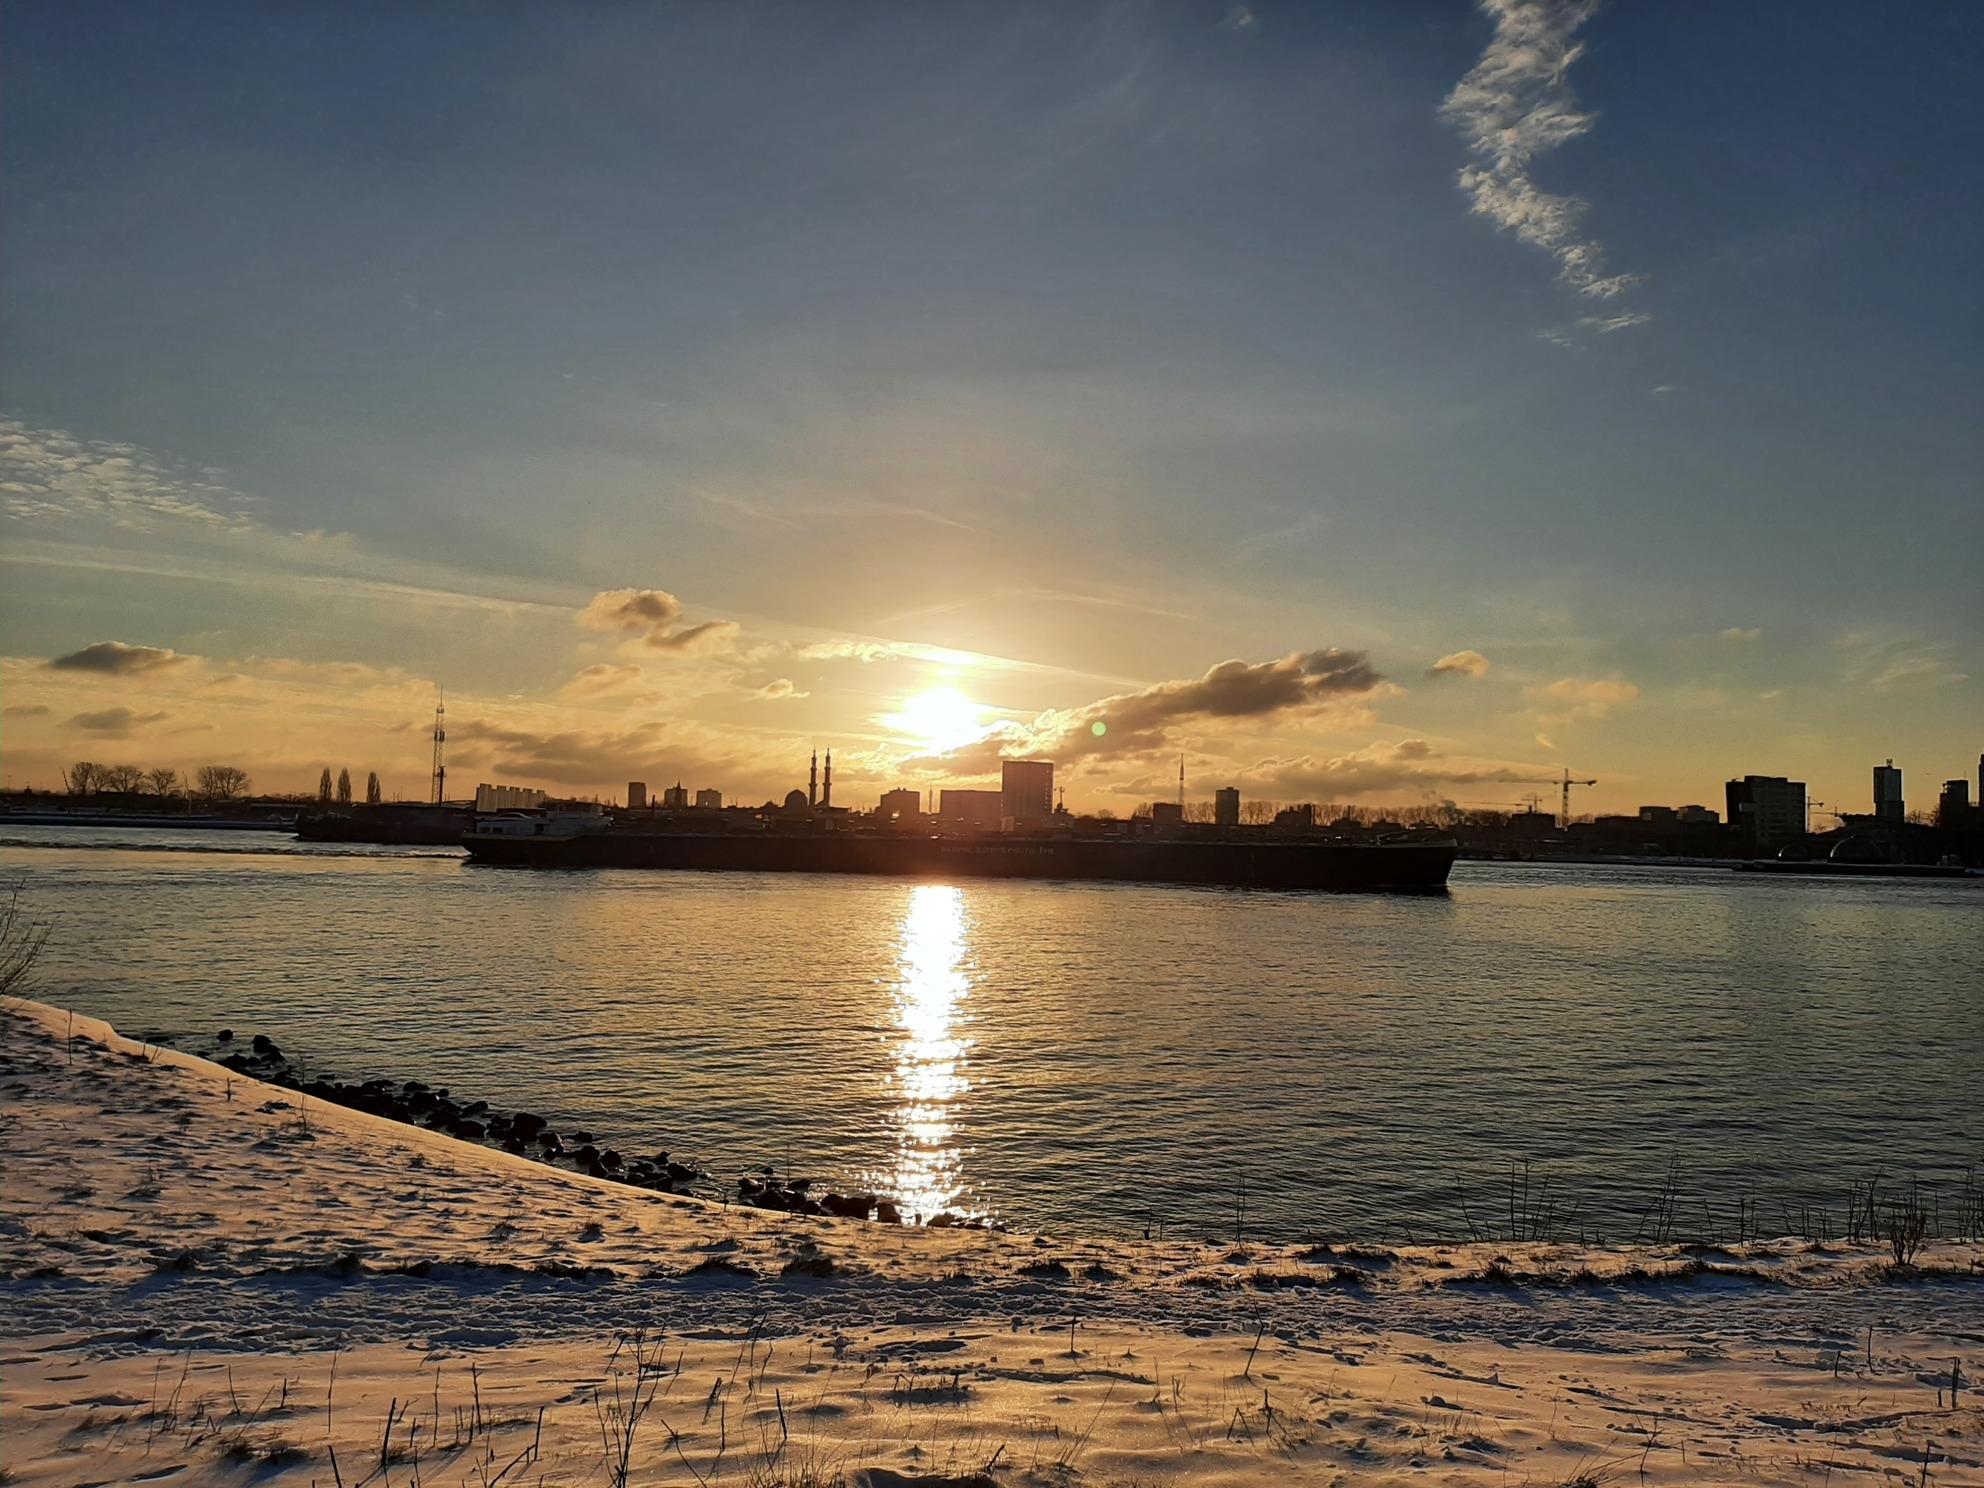 zonsondergang - Deze foto, is gemaakt langs de Maas. - foto door speed-560 op 08-04-2021 - locatie: Rotterdam, Nederland - deze foto bevat: wolk, water, lucht, watervoorraden, atmosfeer, dag, nagloeien, natuur, schemer, zonsondergang